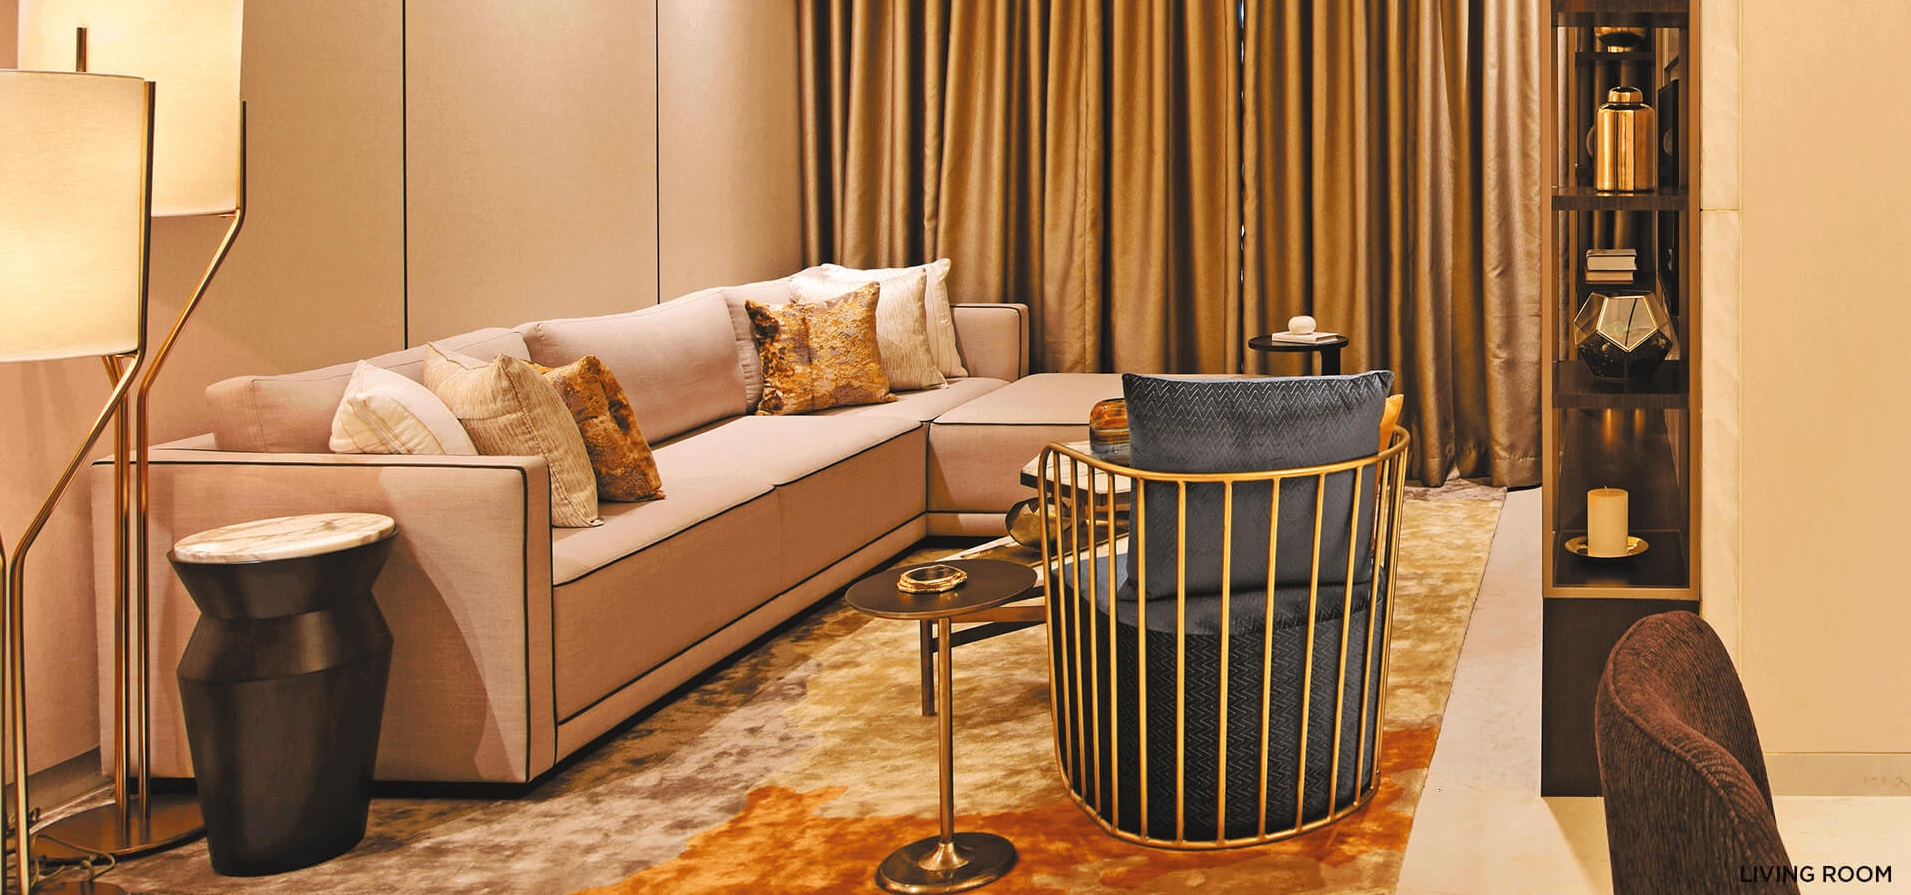 dosti oak apartment interiors8